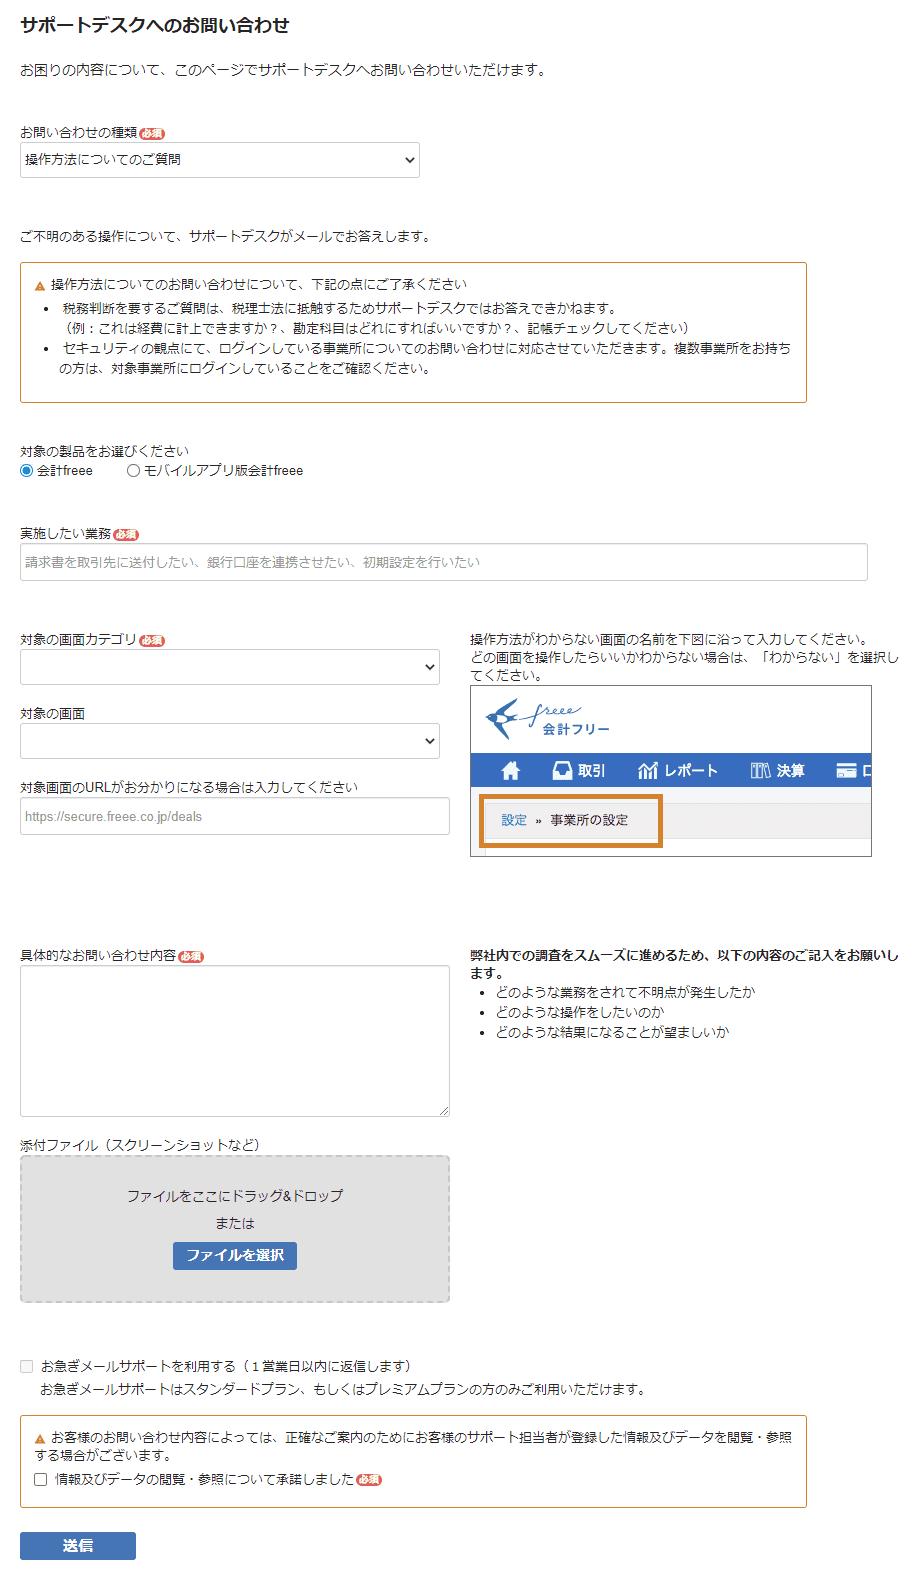 メールサポート画面